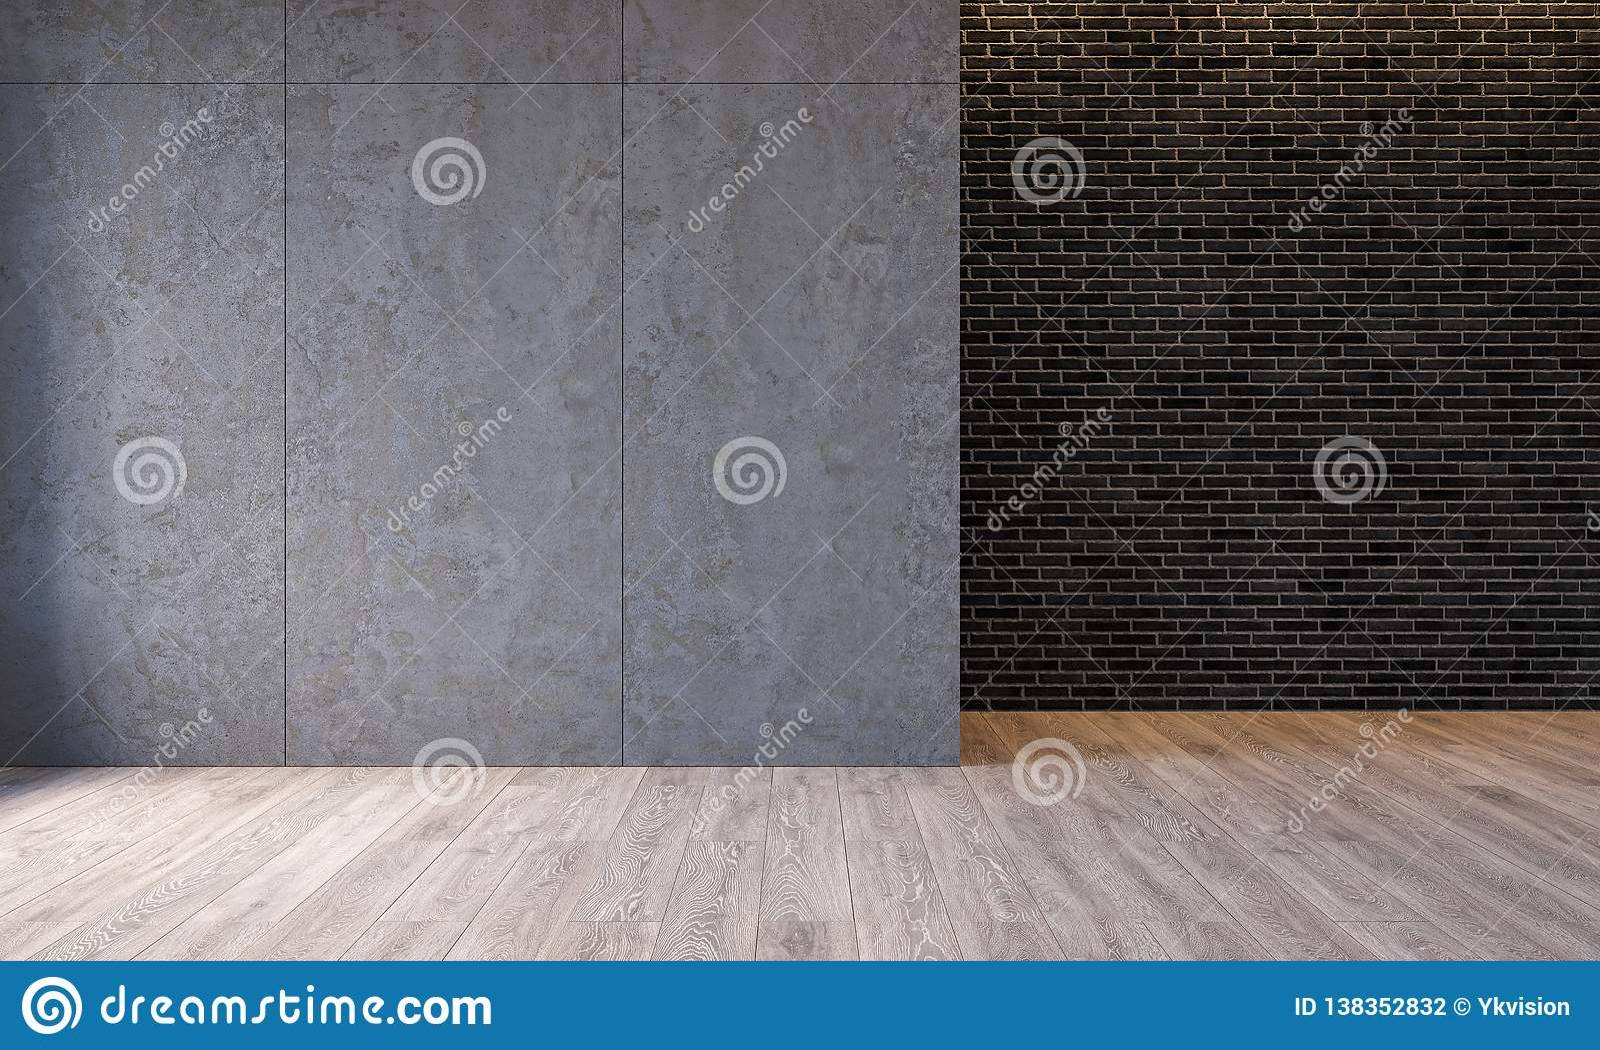 Σύγχρονο εσωτερικό σοφιτών με τις συγκεκριμένες επιτροπές τοίχων τσιμέντου αρχιτεκτονικής, τουβλότοιχος, τσιμεντένιο πάτωμα Κενό